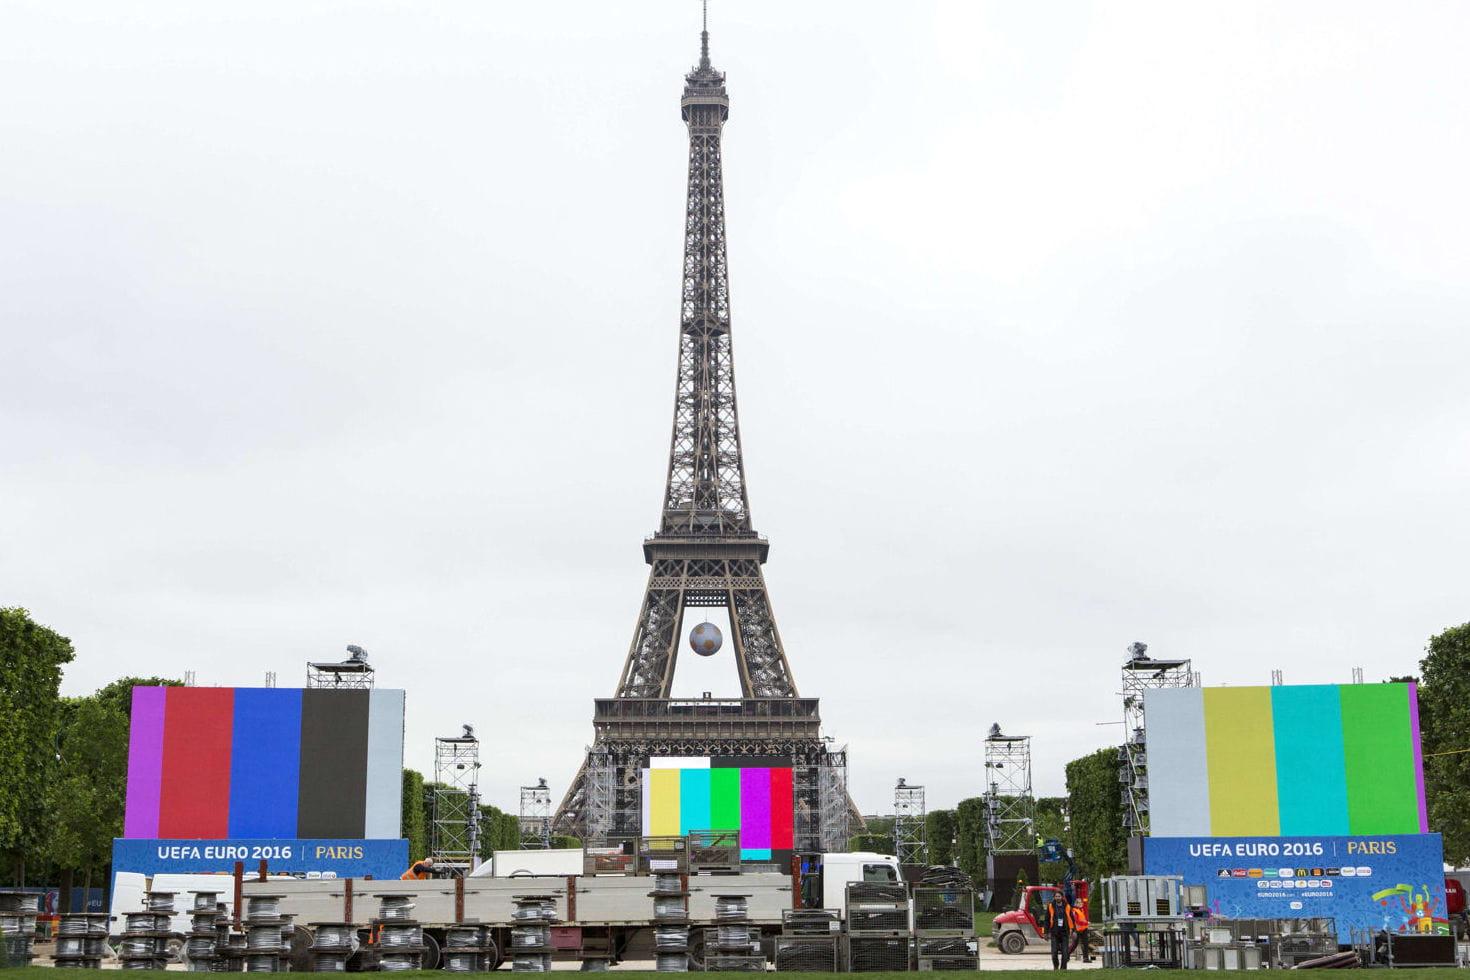 What Is La Tour Eiffel